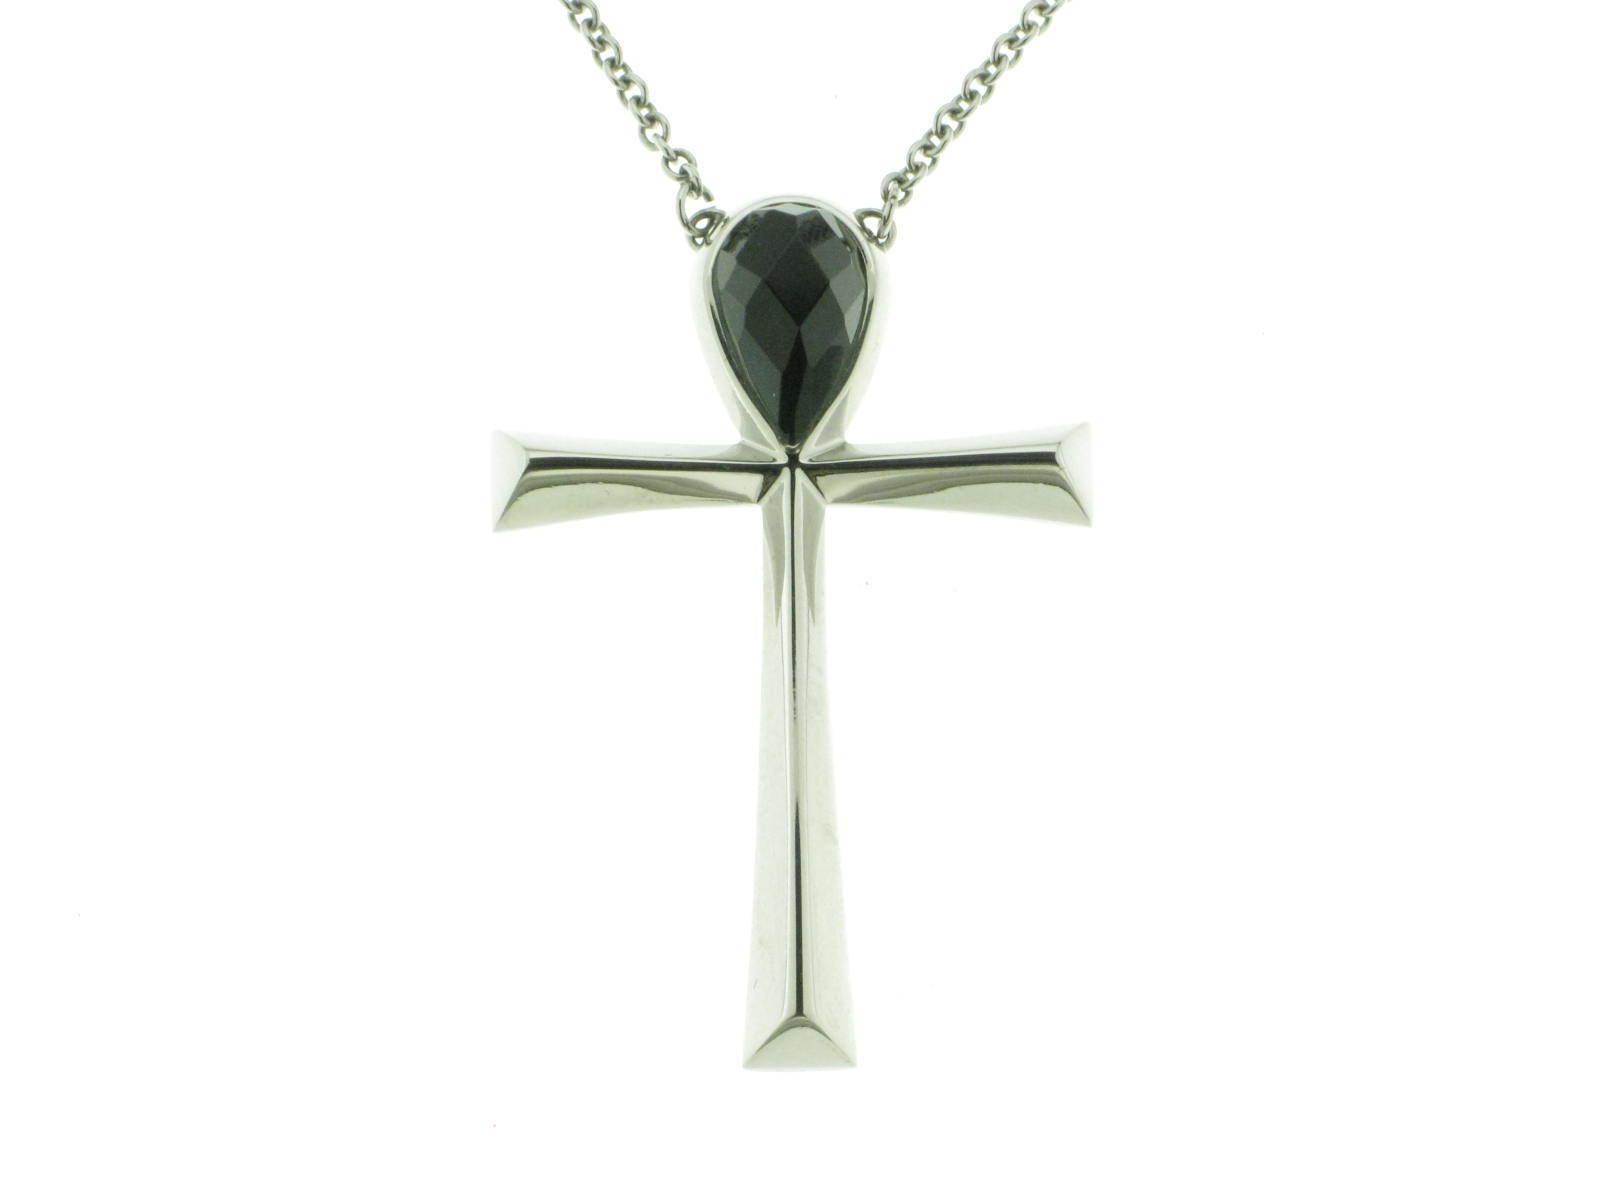 BROSWAY collana Luxor croce e catena acciaio cristallo verde verde verde scuro BLX03 new 5a3f90